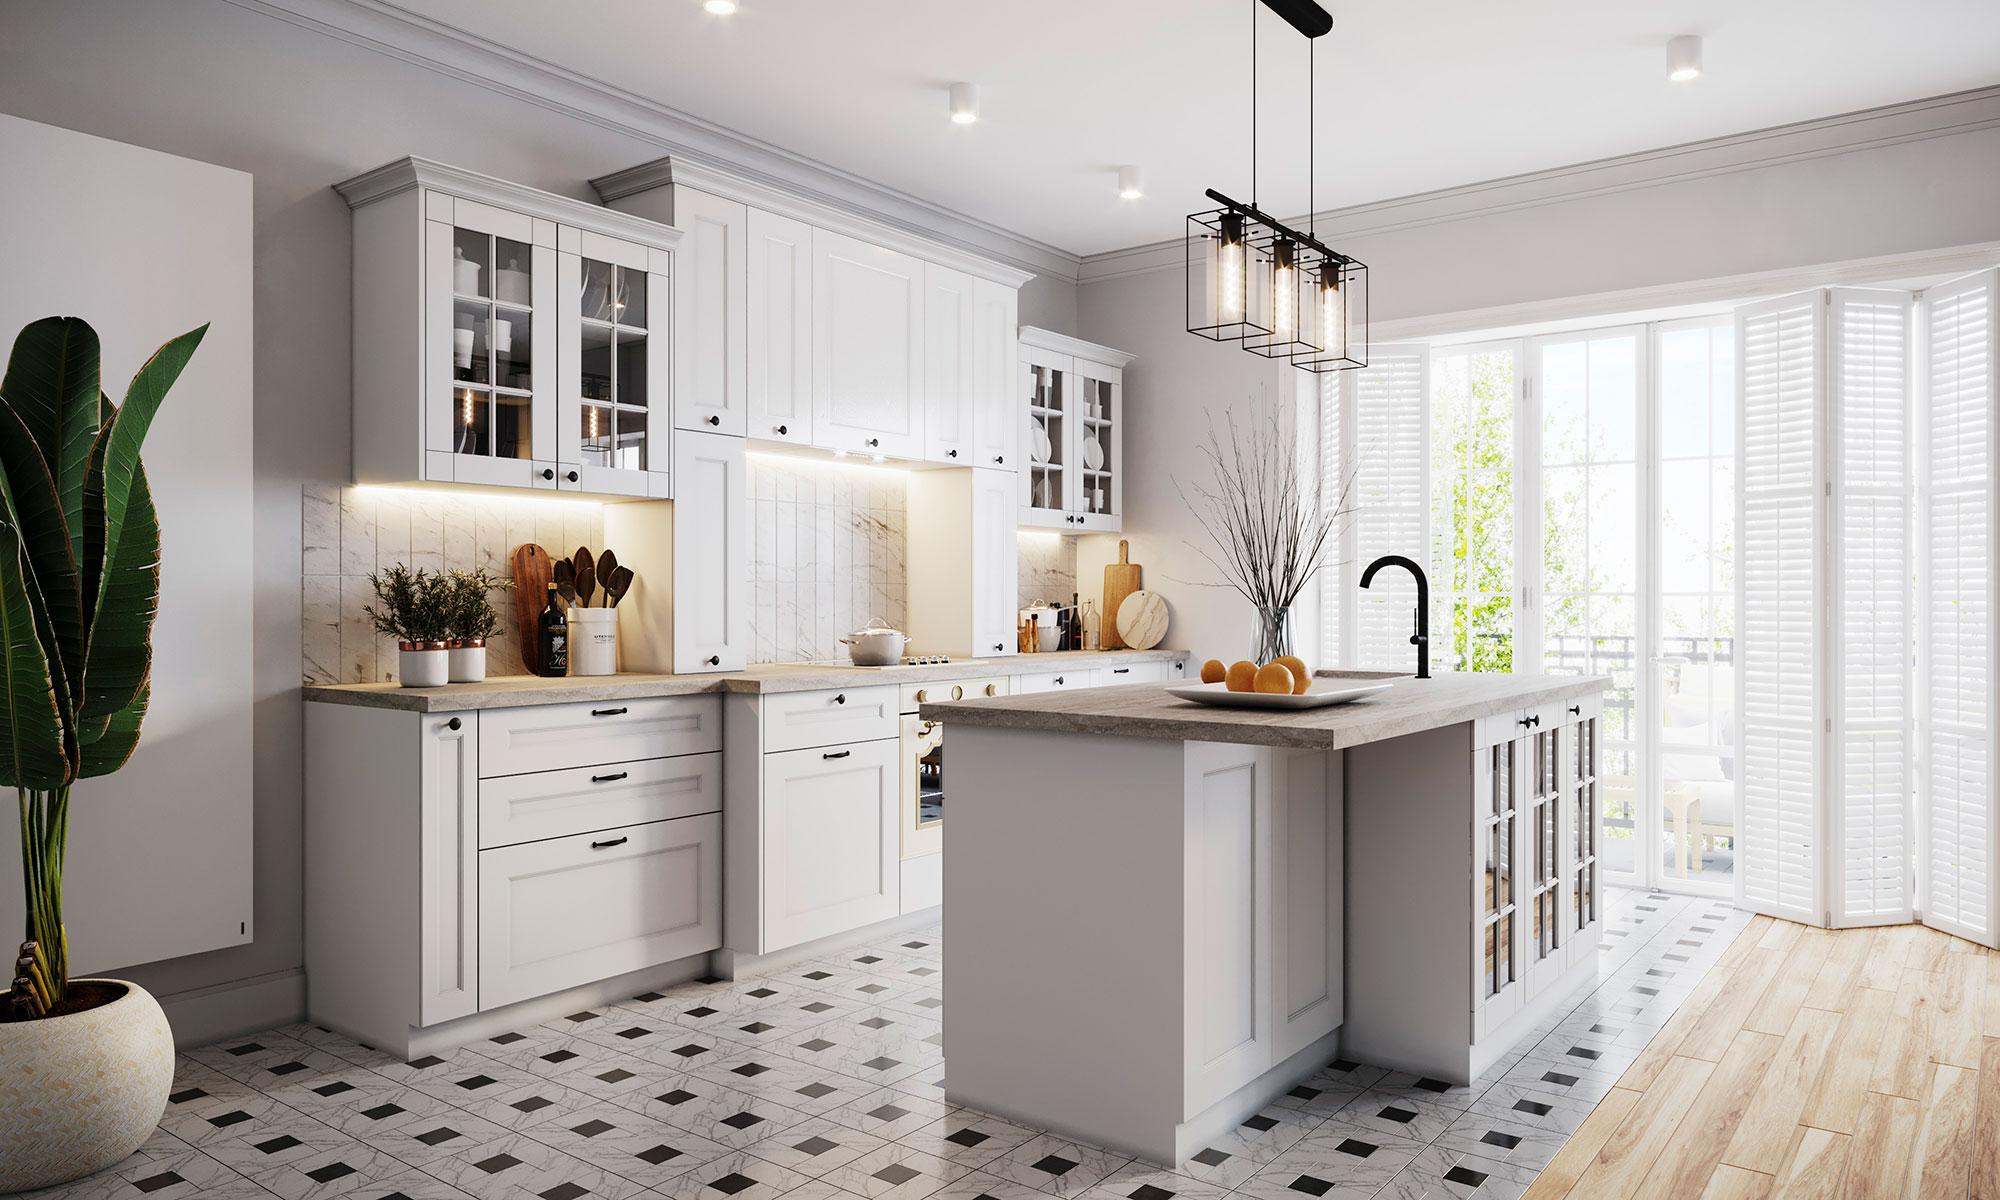 Kuchnia nowoczesna czy klasyczna? Jakie meble kuchenne wybrać